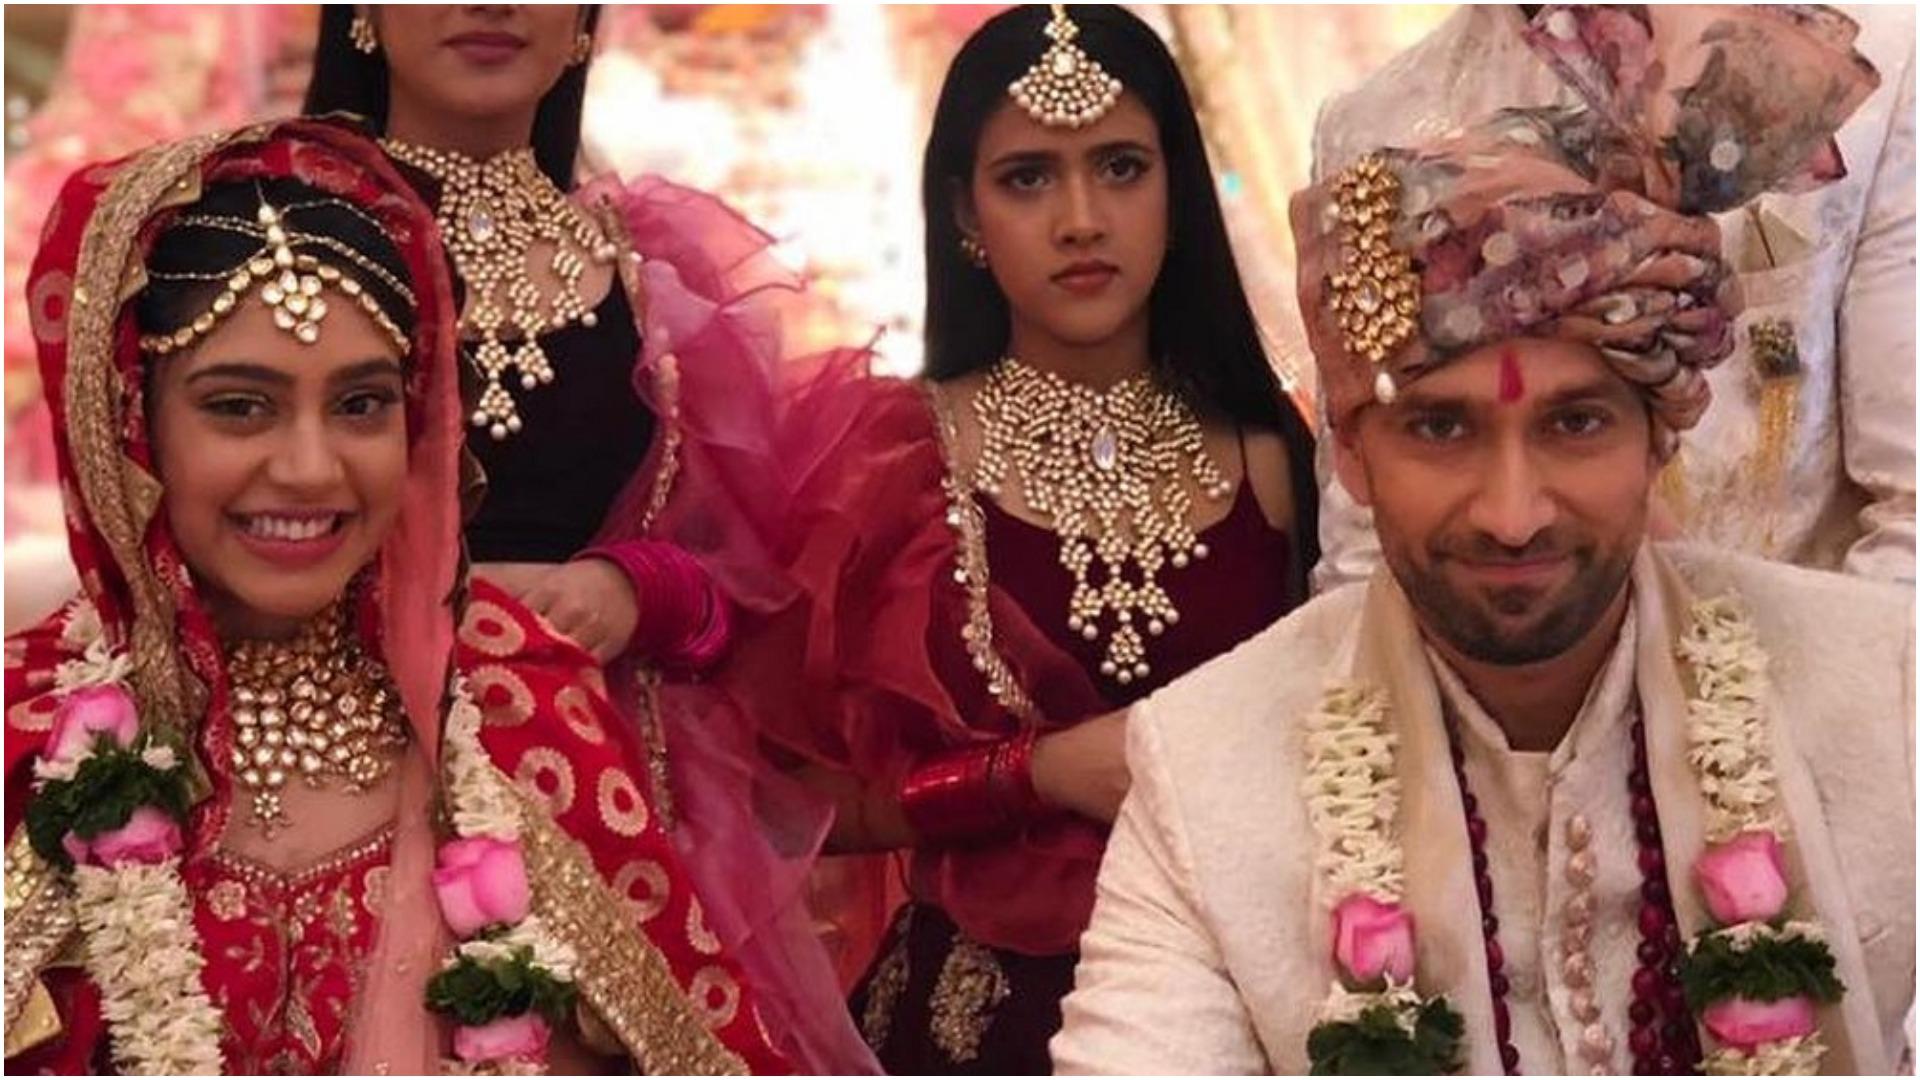 ट्रेंडिंग न्यूज: सीरियल इश्कबाज में मन्नत और शिवांश की शादी की तस्वीरें आईं सामने, पढ़िए टीवी की टॉप 5 खबरें